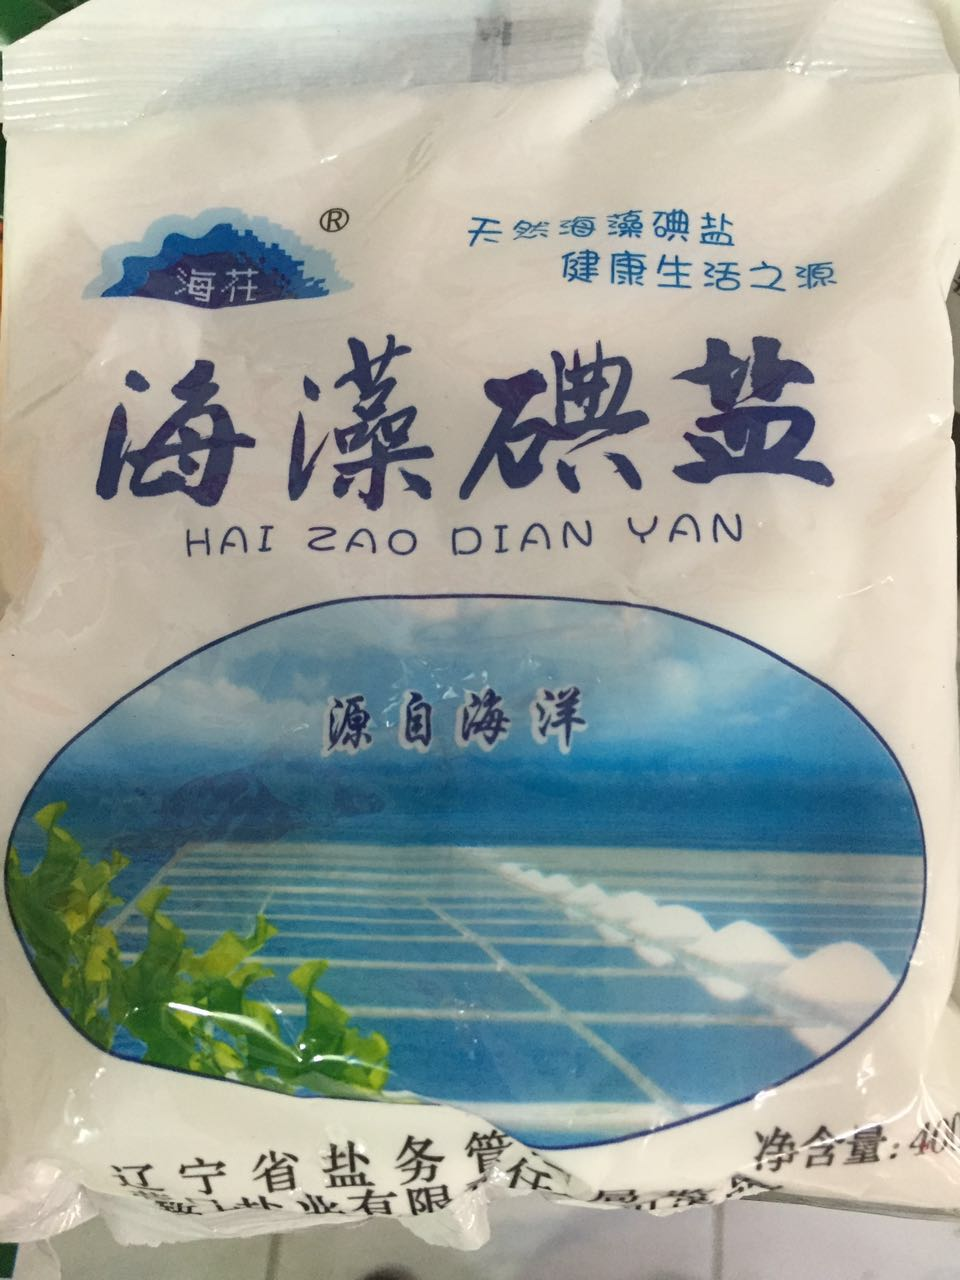 海藻碘盐 - 百兴网商城,乾源科技开发股份有限公司